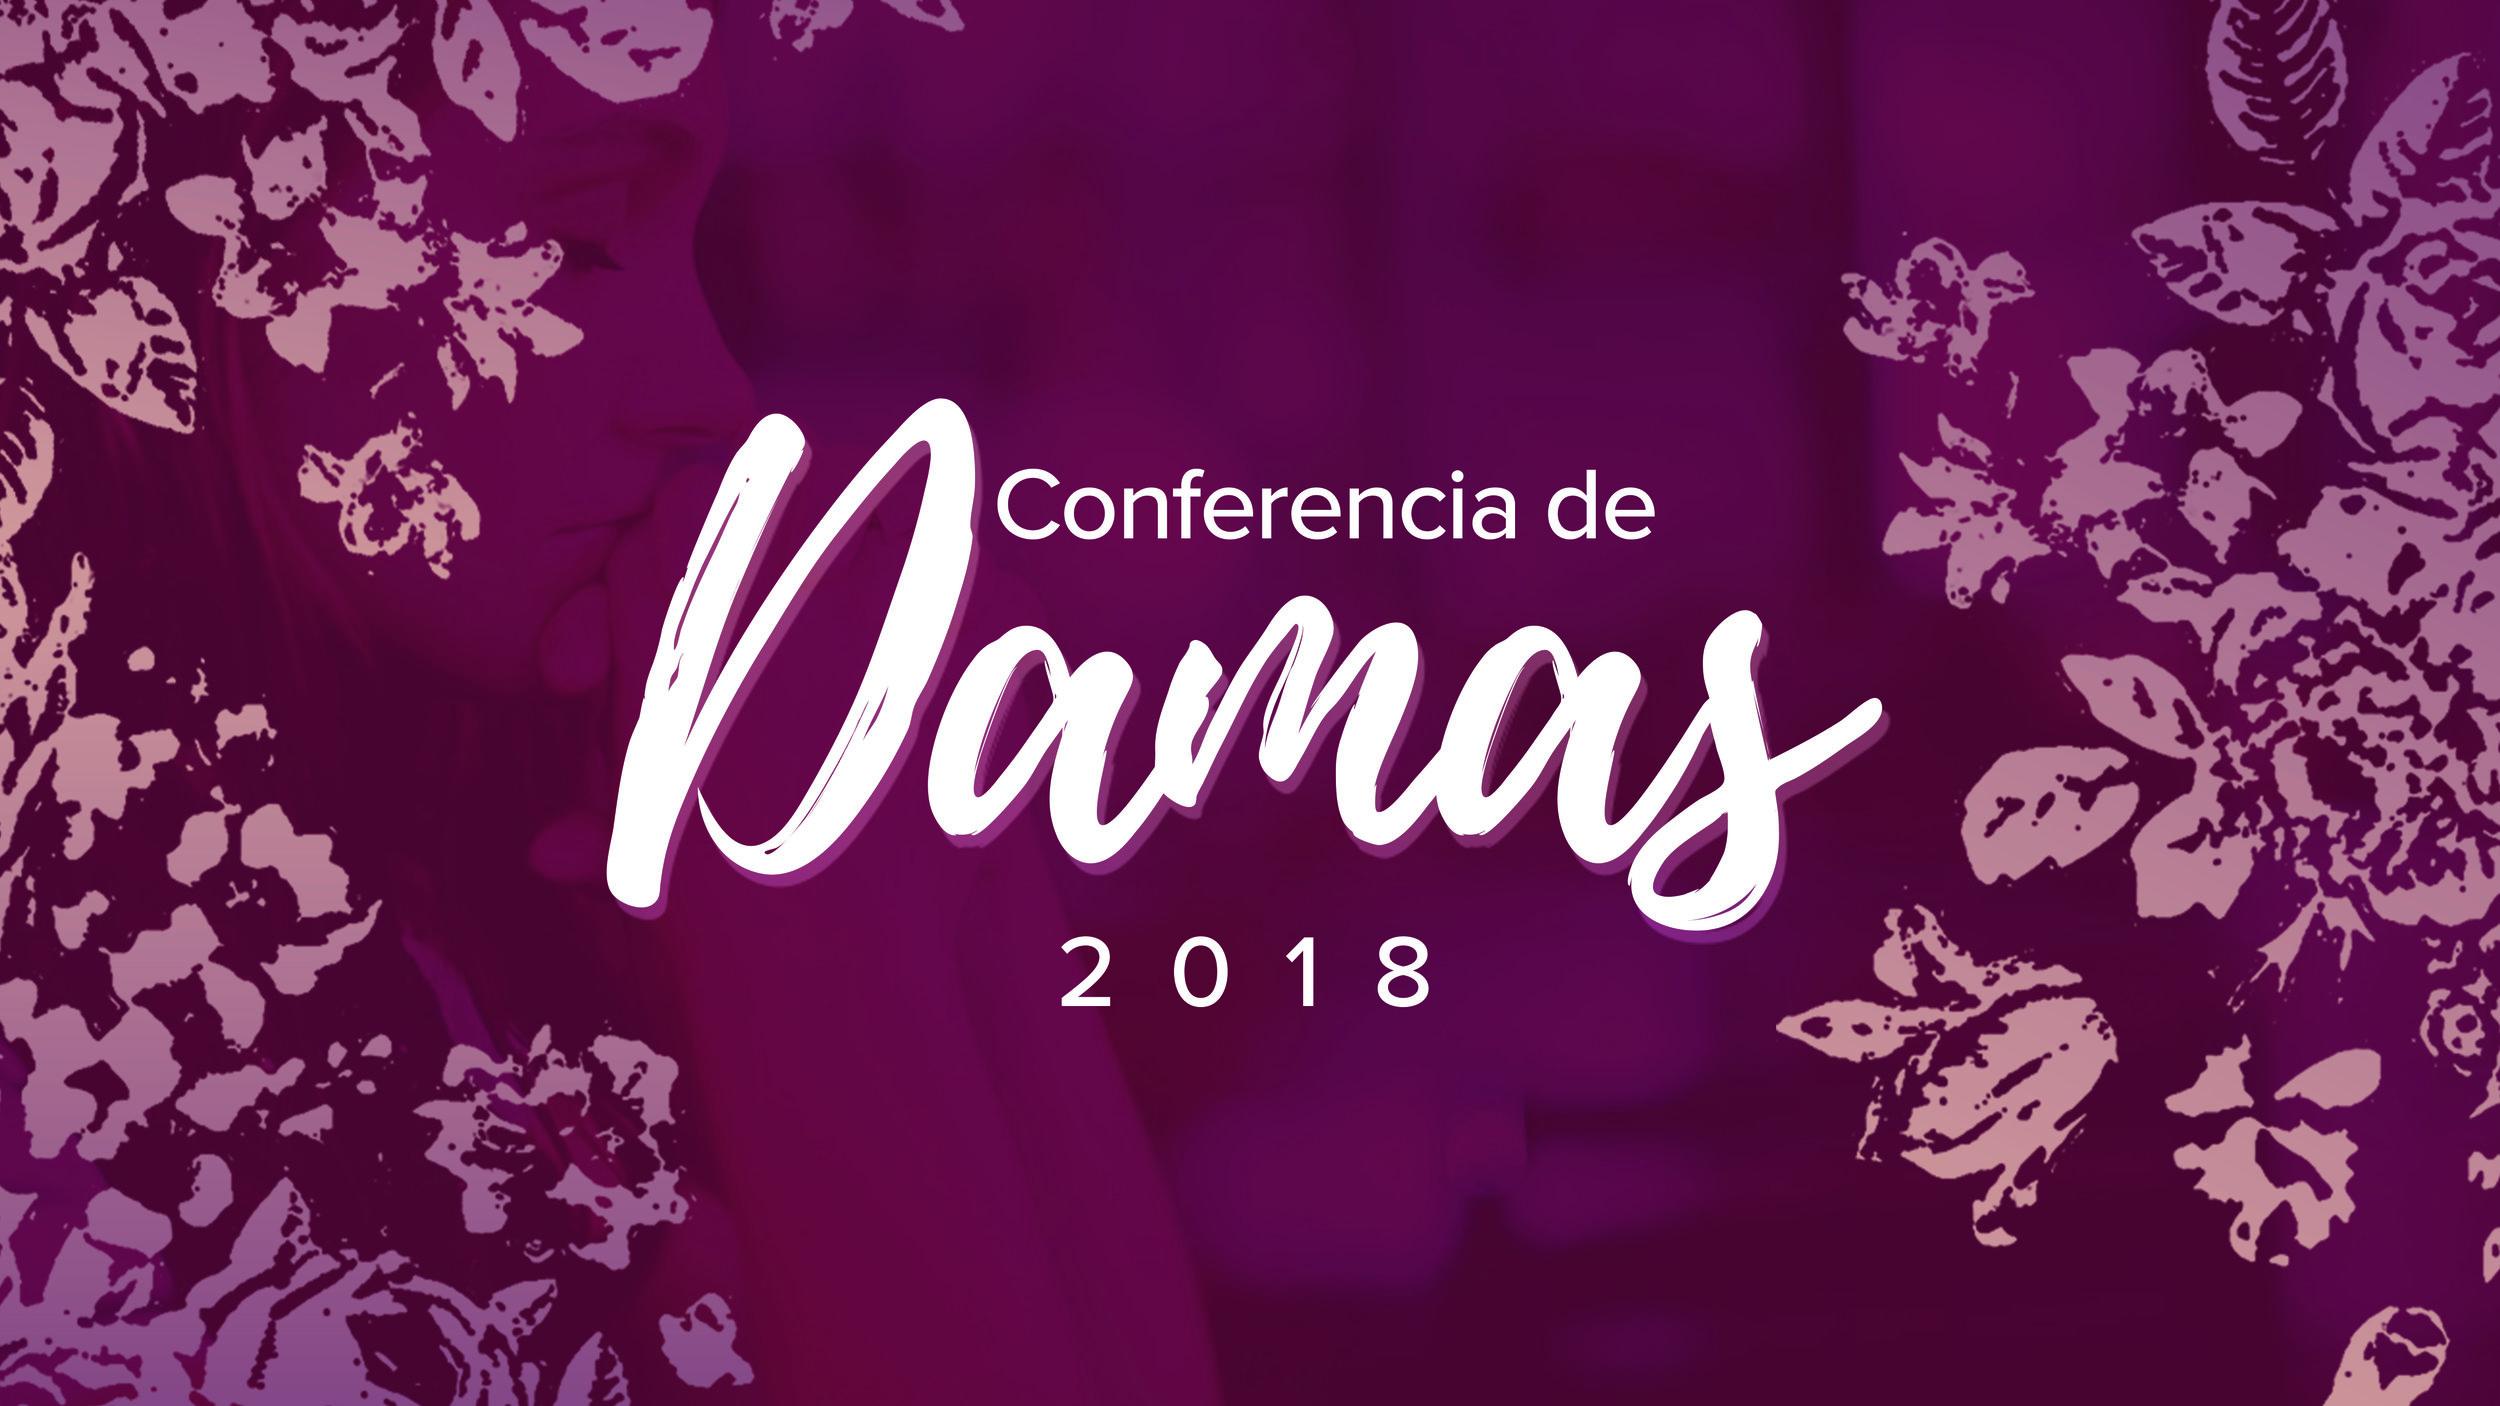 Conferencia De Damas.jpg